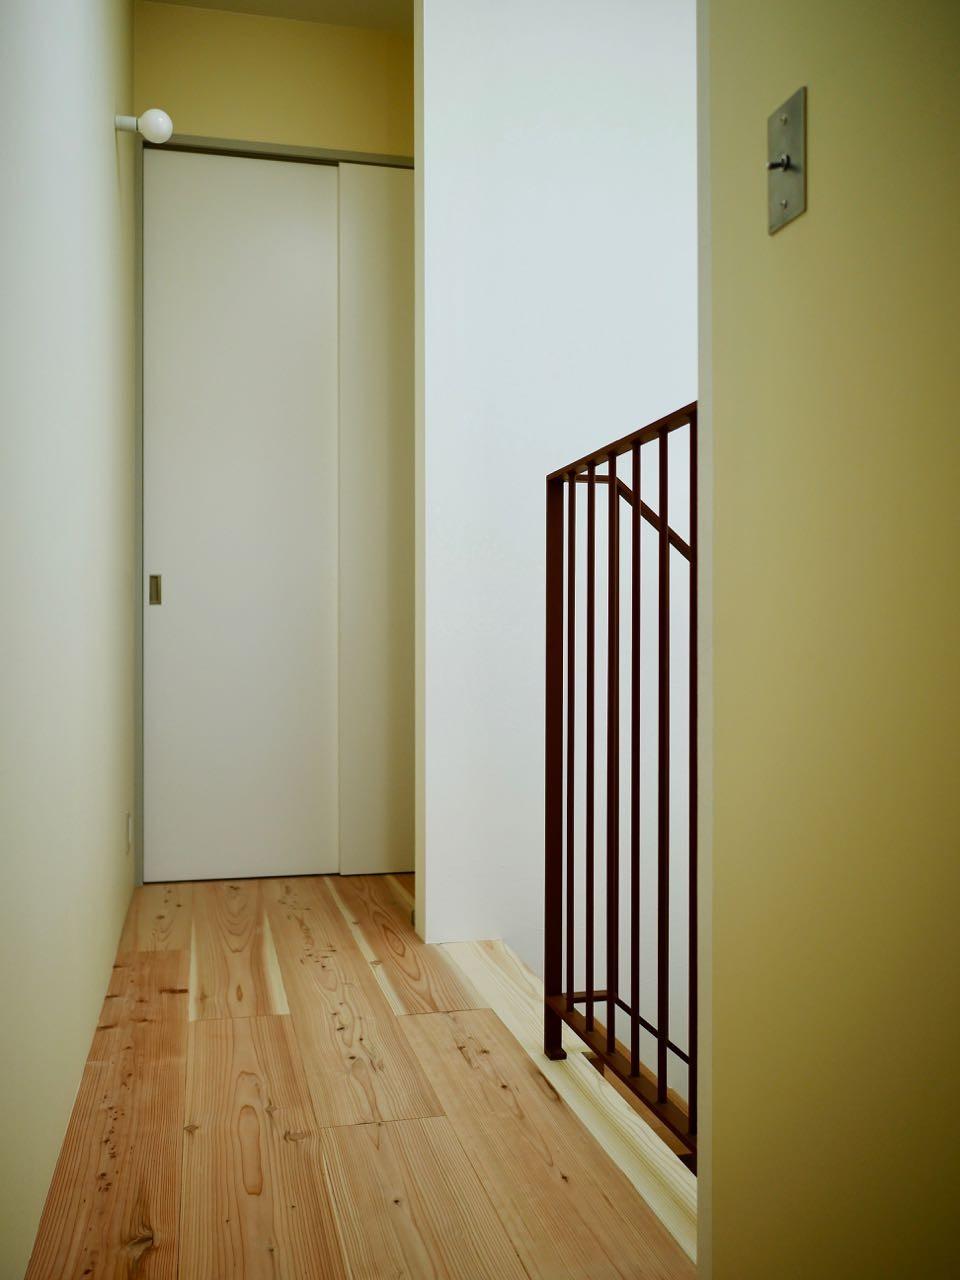 その他事例:3階階段(阿倍野の住宅:狭小間口の3階建て住宅)